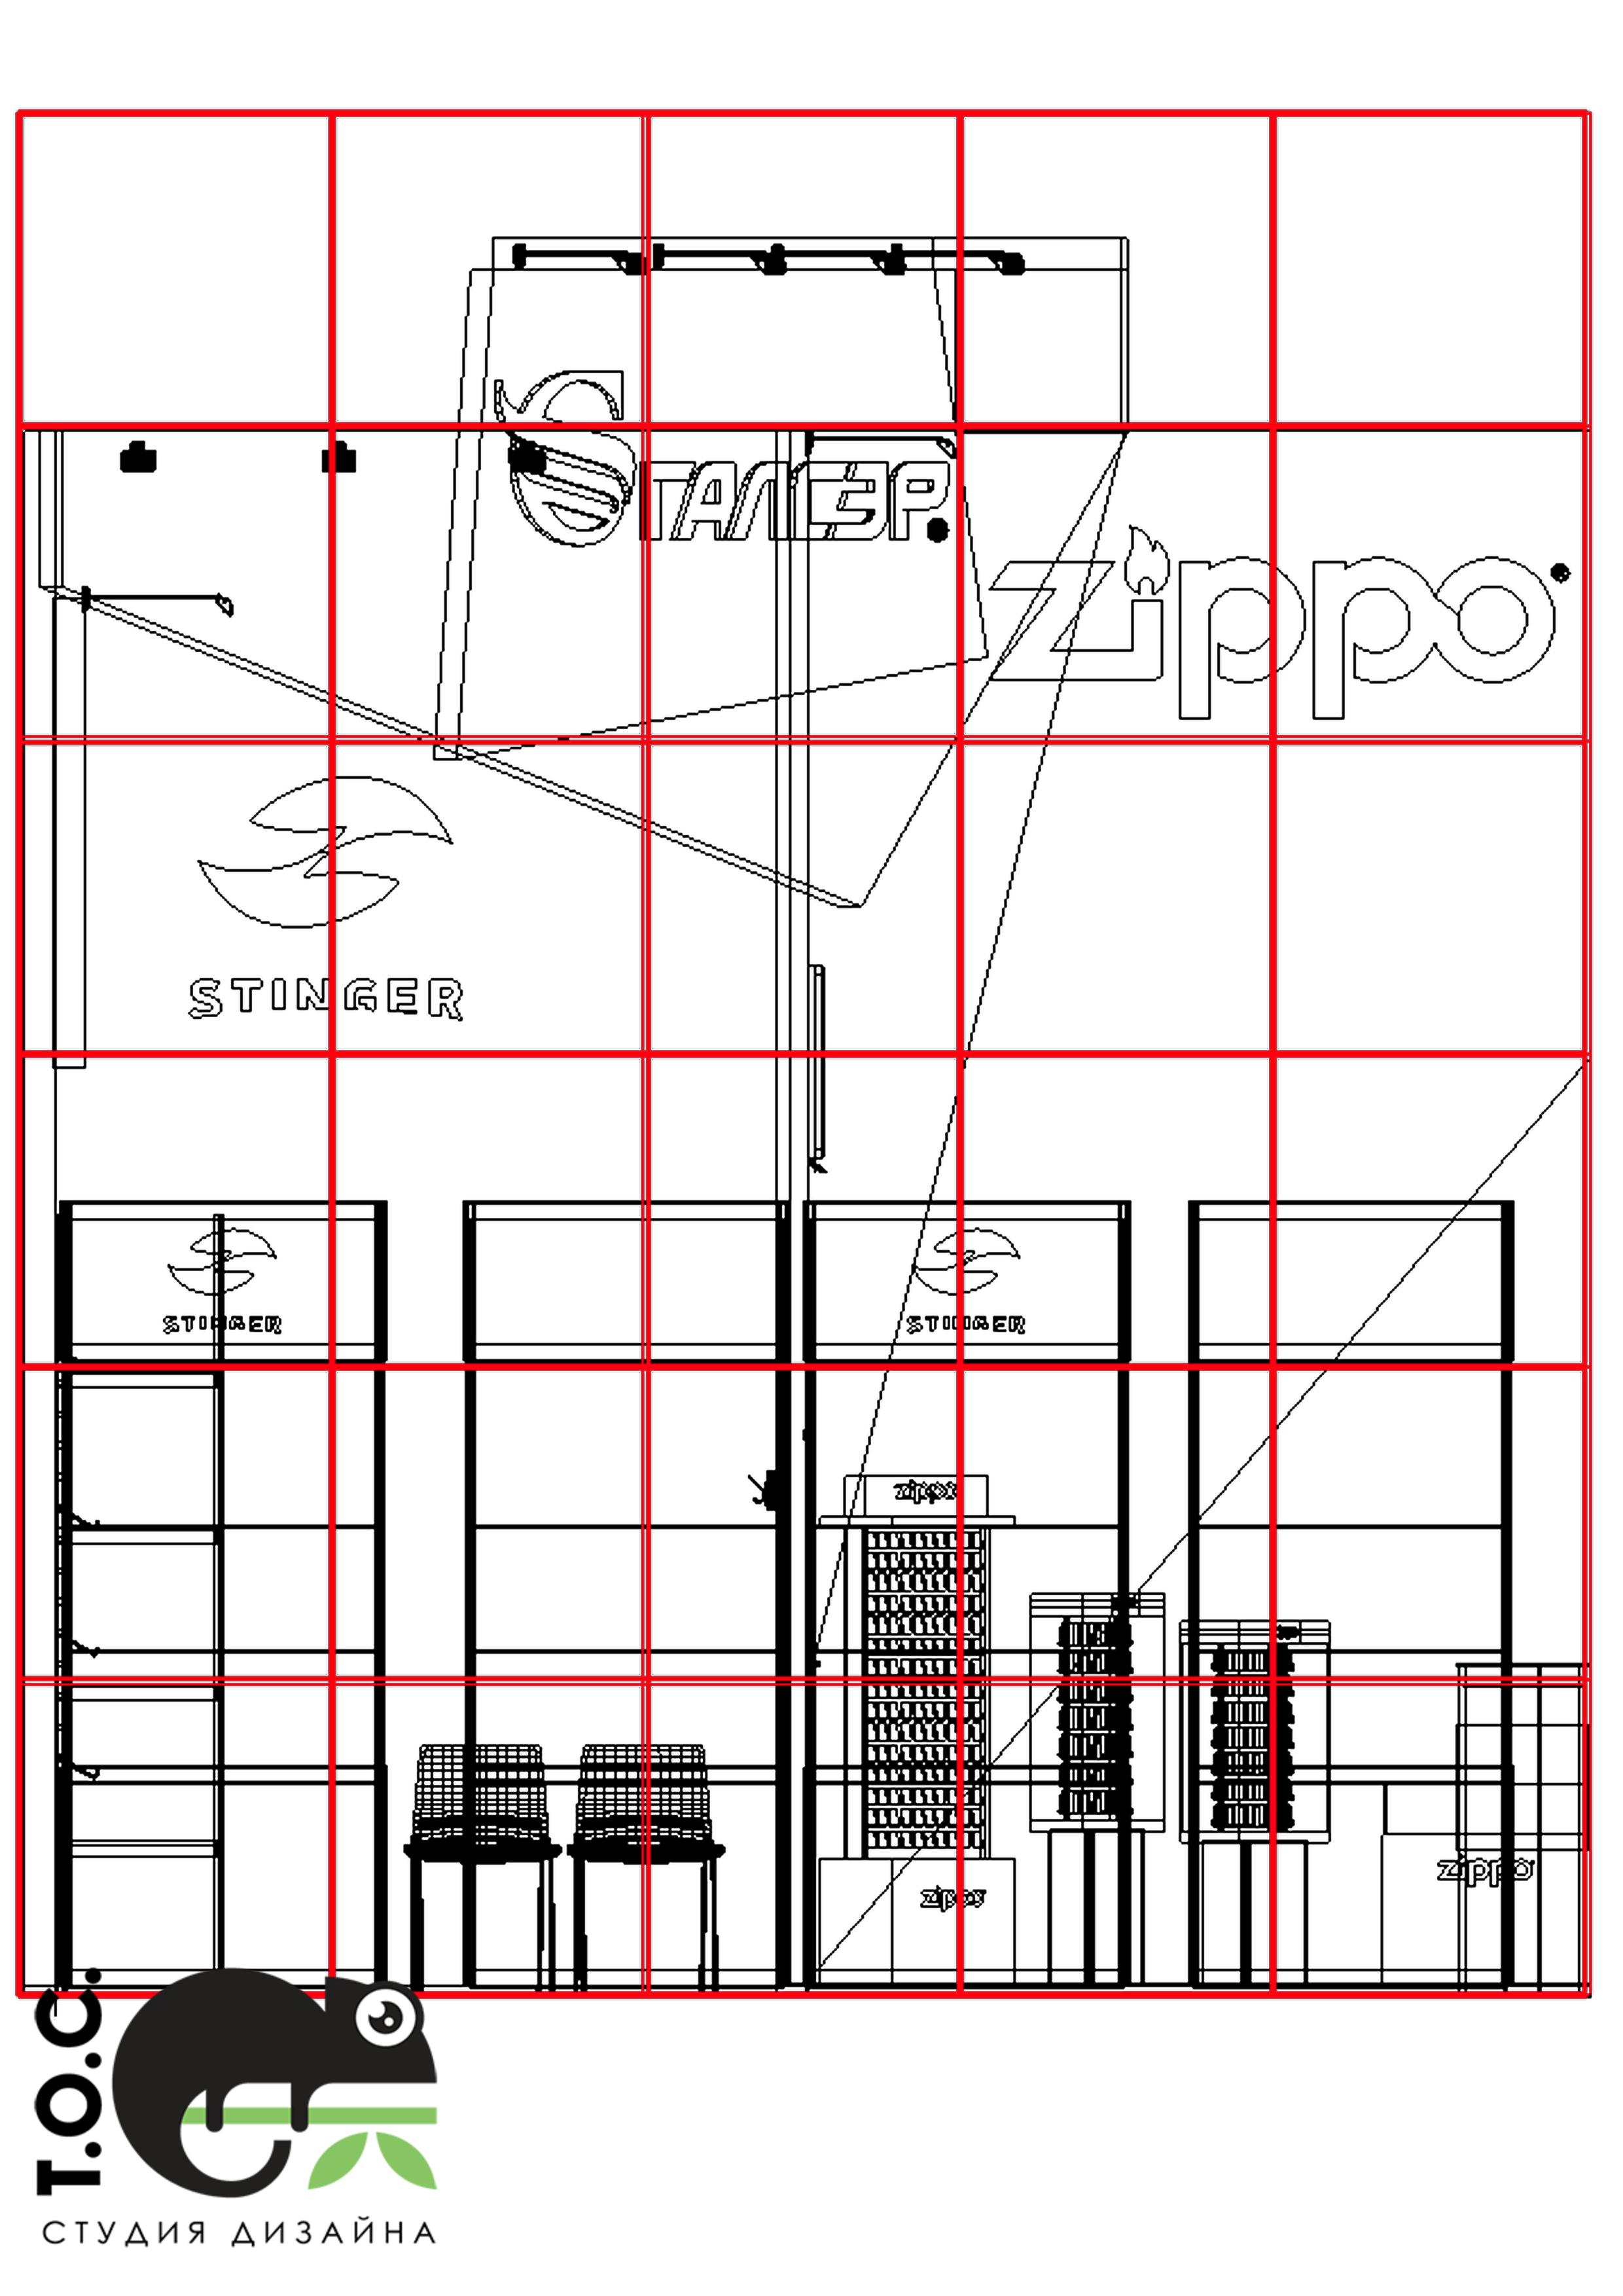 Дизайн проект выставочного стенда для компании Галсэр.